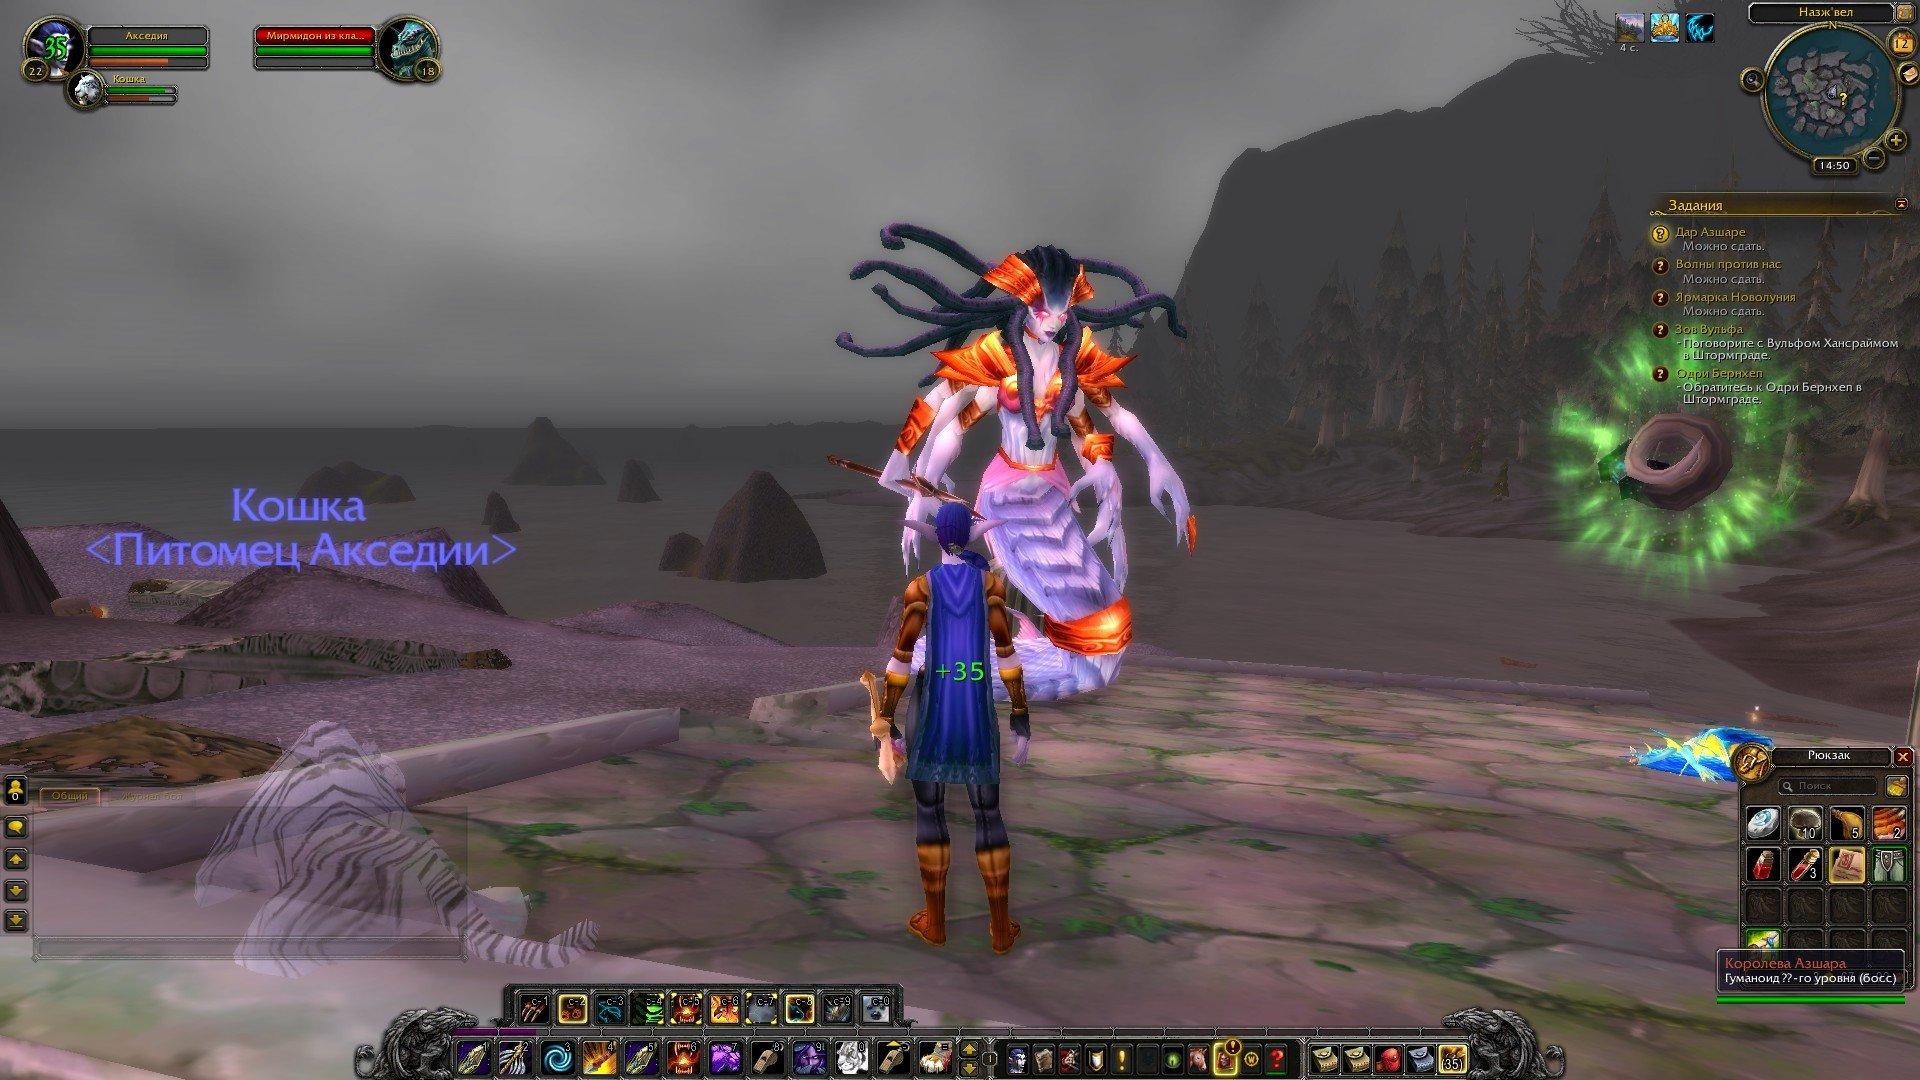 Путешествие по World of Warcraft ... Ночной Эльф. Глава 2. - Изображение 26